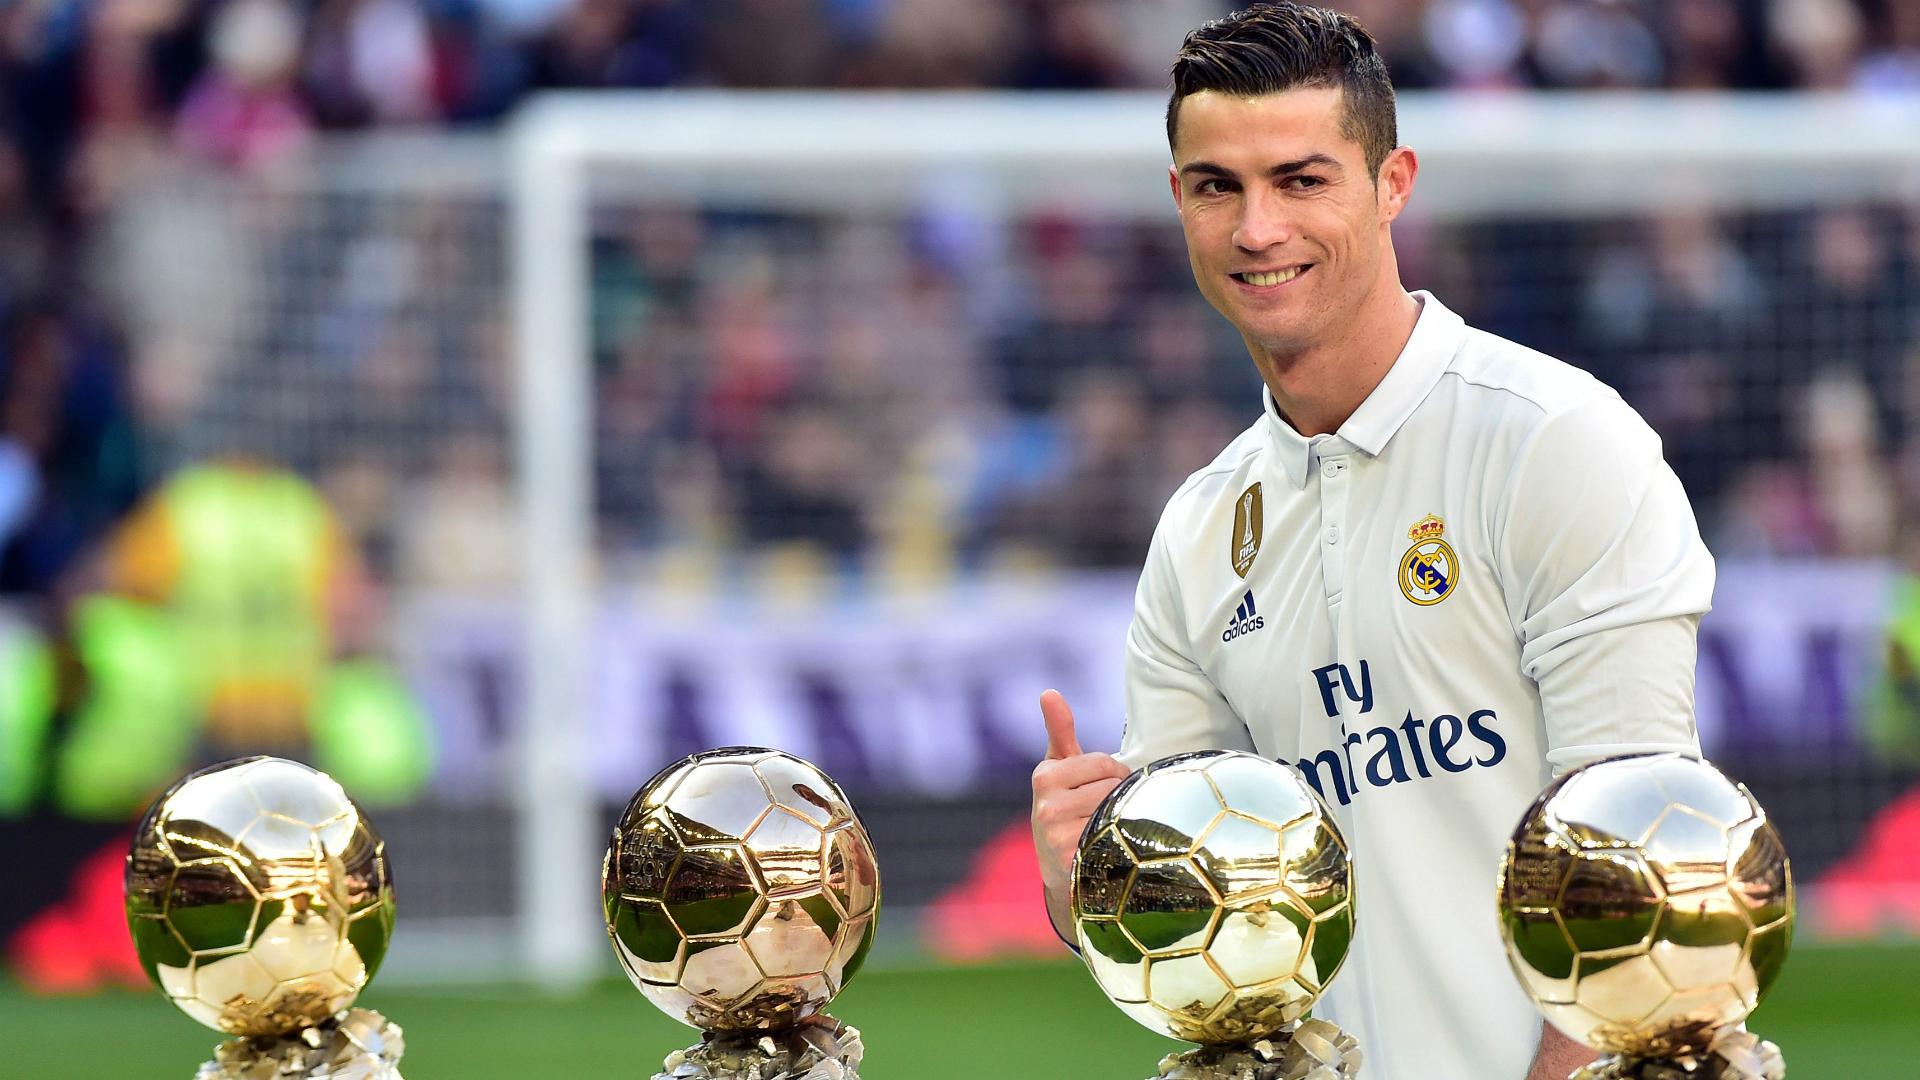 /// در حال تکمیل //// برگزاری مراسم بهترین های فوتبال جهان